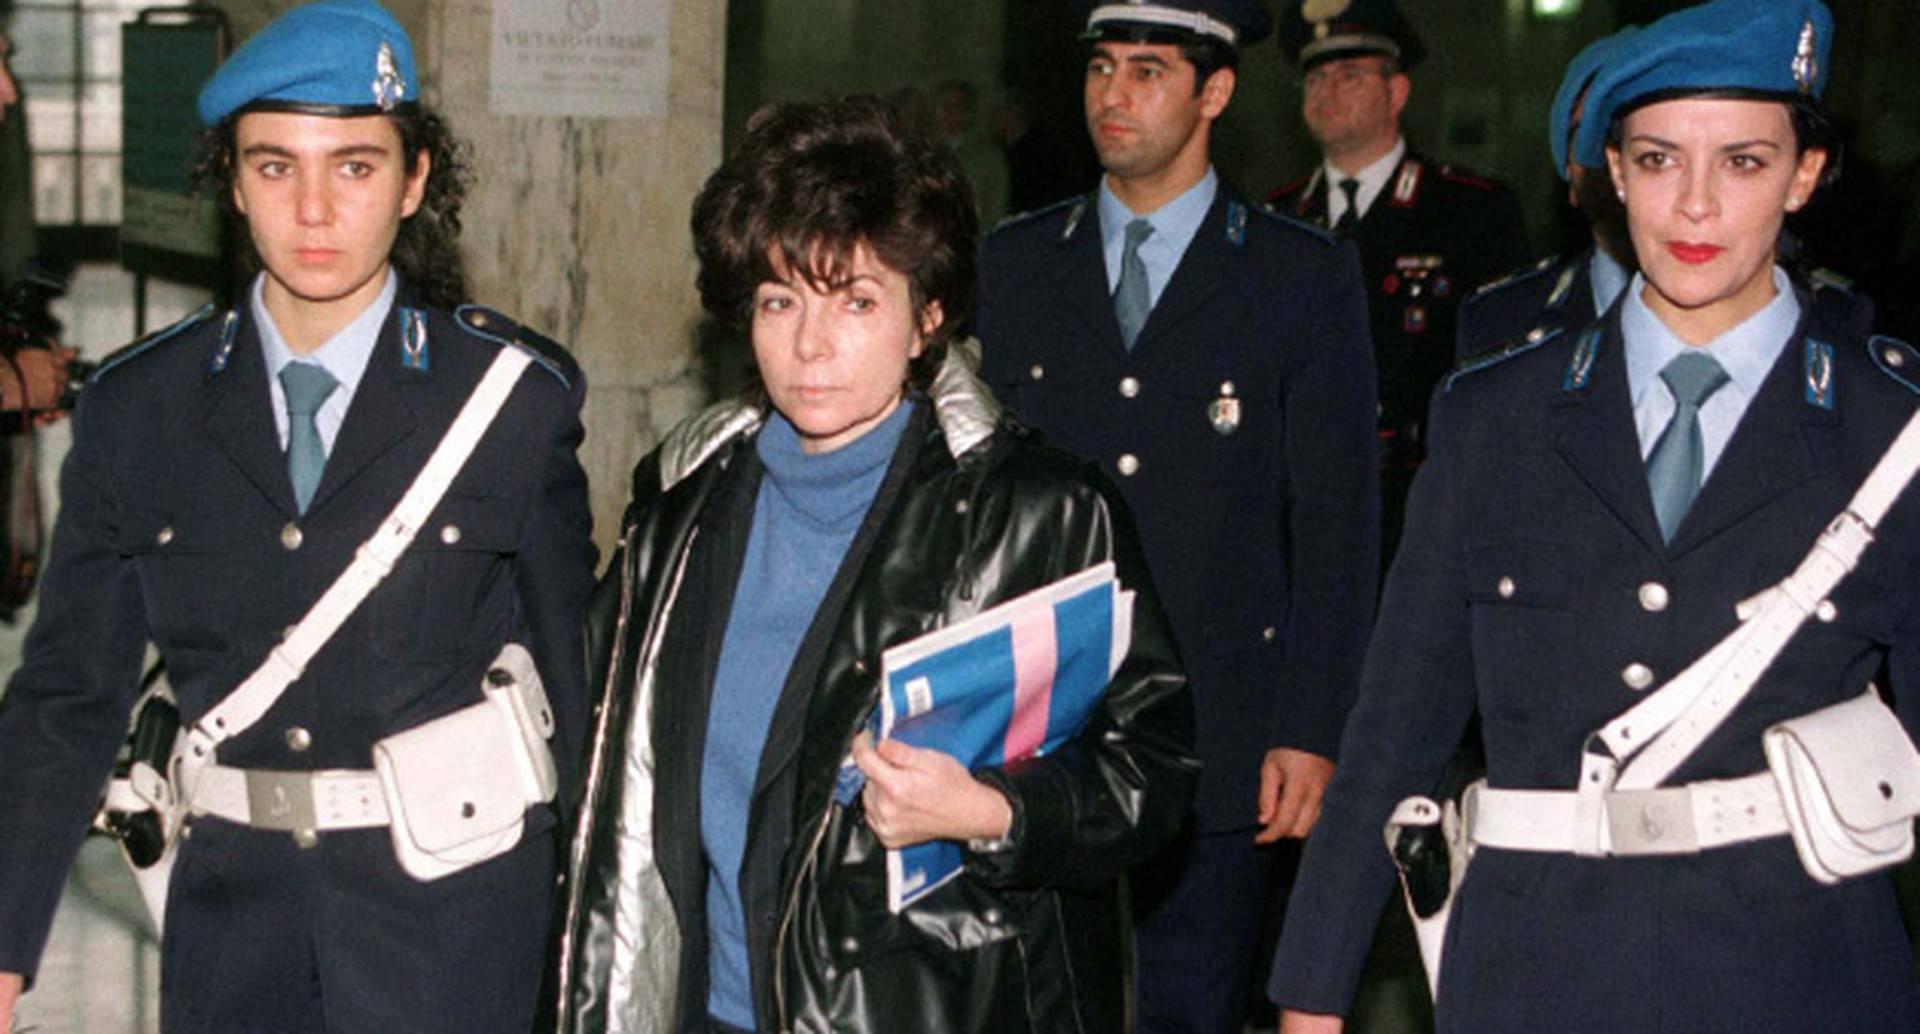 Reggiani fue condenada a 26 años de cárcel en 1997. En 2011 tuvo la opción de solicitar libertad condicional, pero prefirió quedarse porque no quería trabajar, pues nunca lo había hecho. Ahora, por primera vez, tendrá que hacerlo.